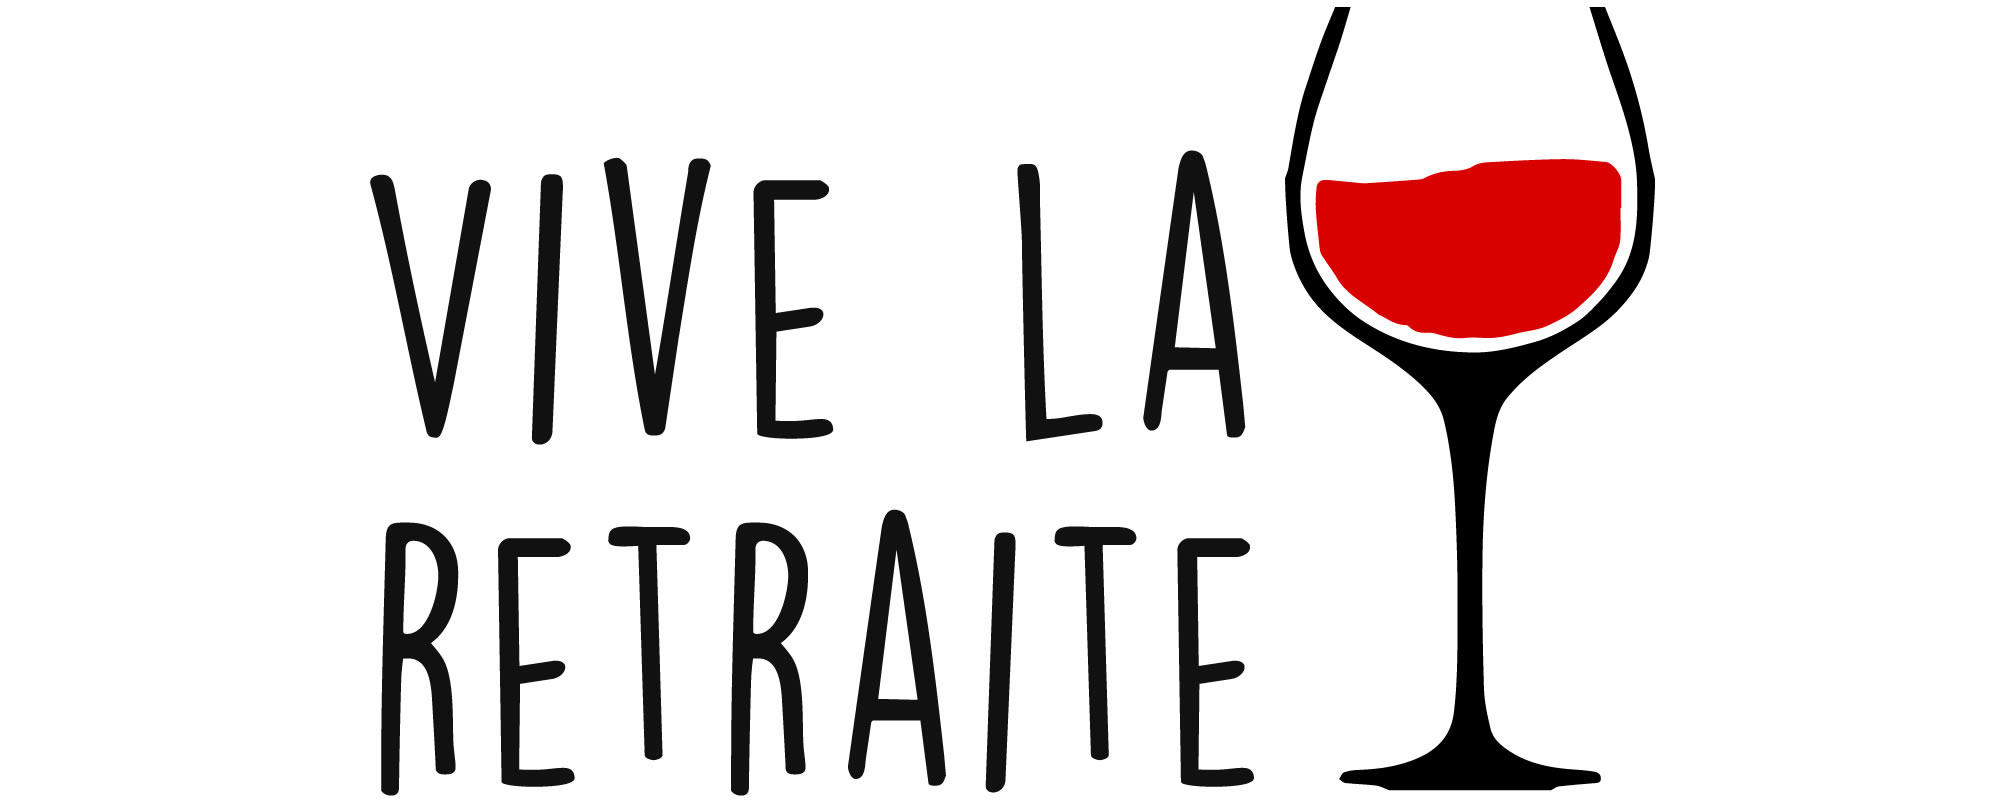 vive-la-retraite-wine.jpg